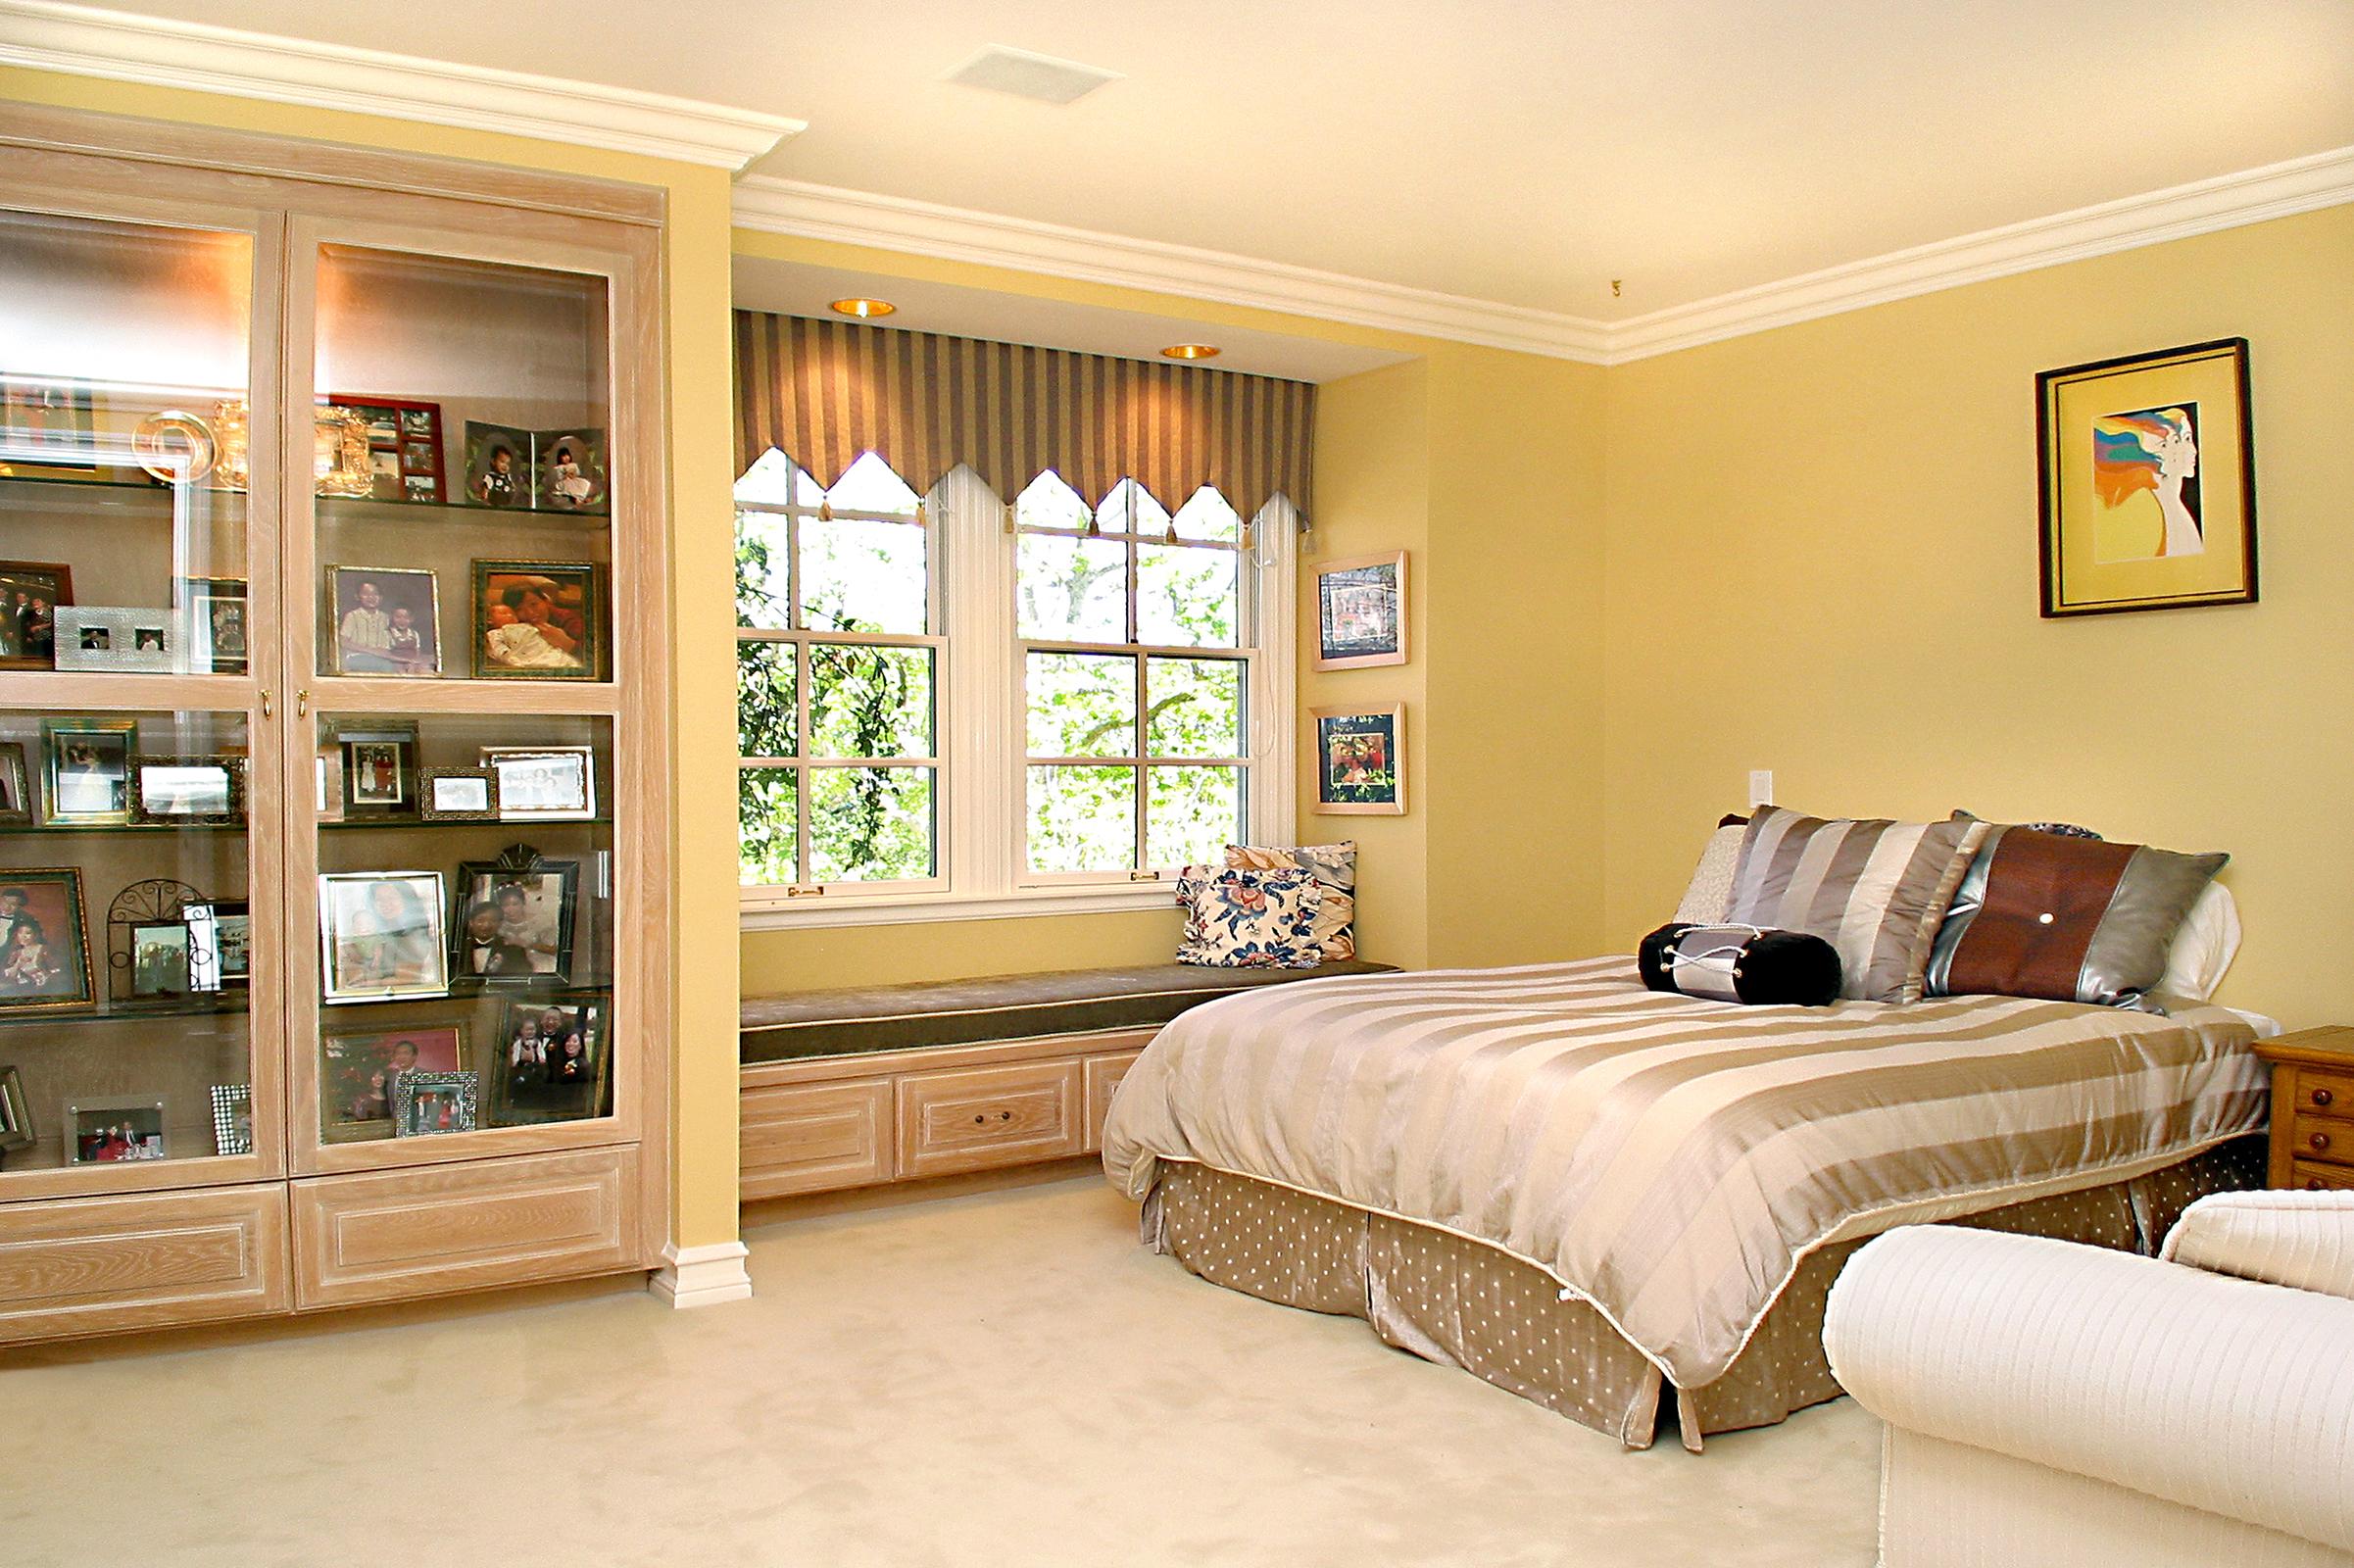 Фото спальне Интерьер кровати подушка Дизайн 2402x1600 спальни Спальня постель Кровать Подушки дизайна